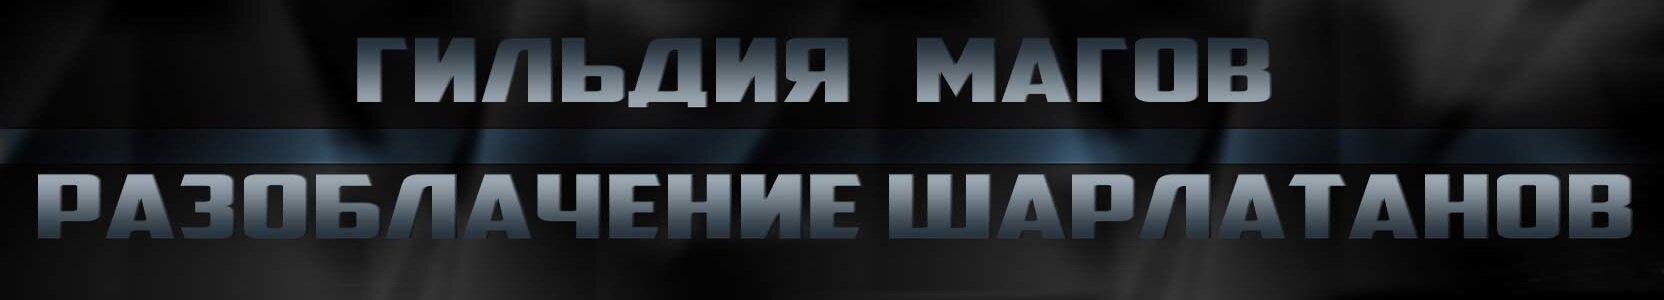 Гильдия Магов Slider 2